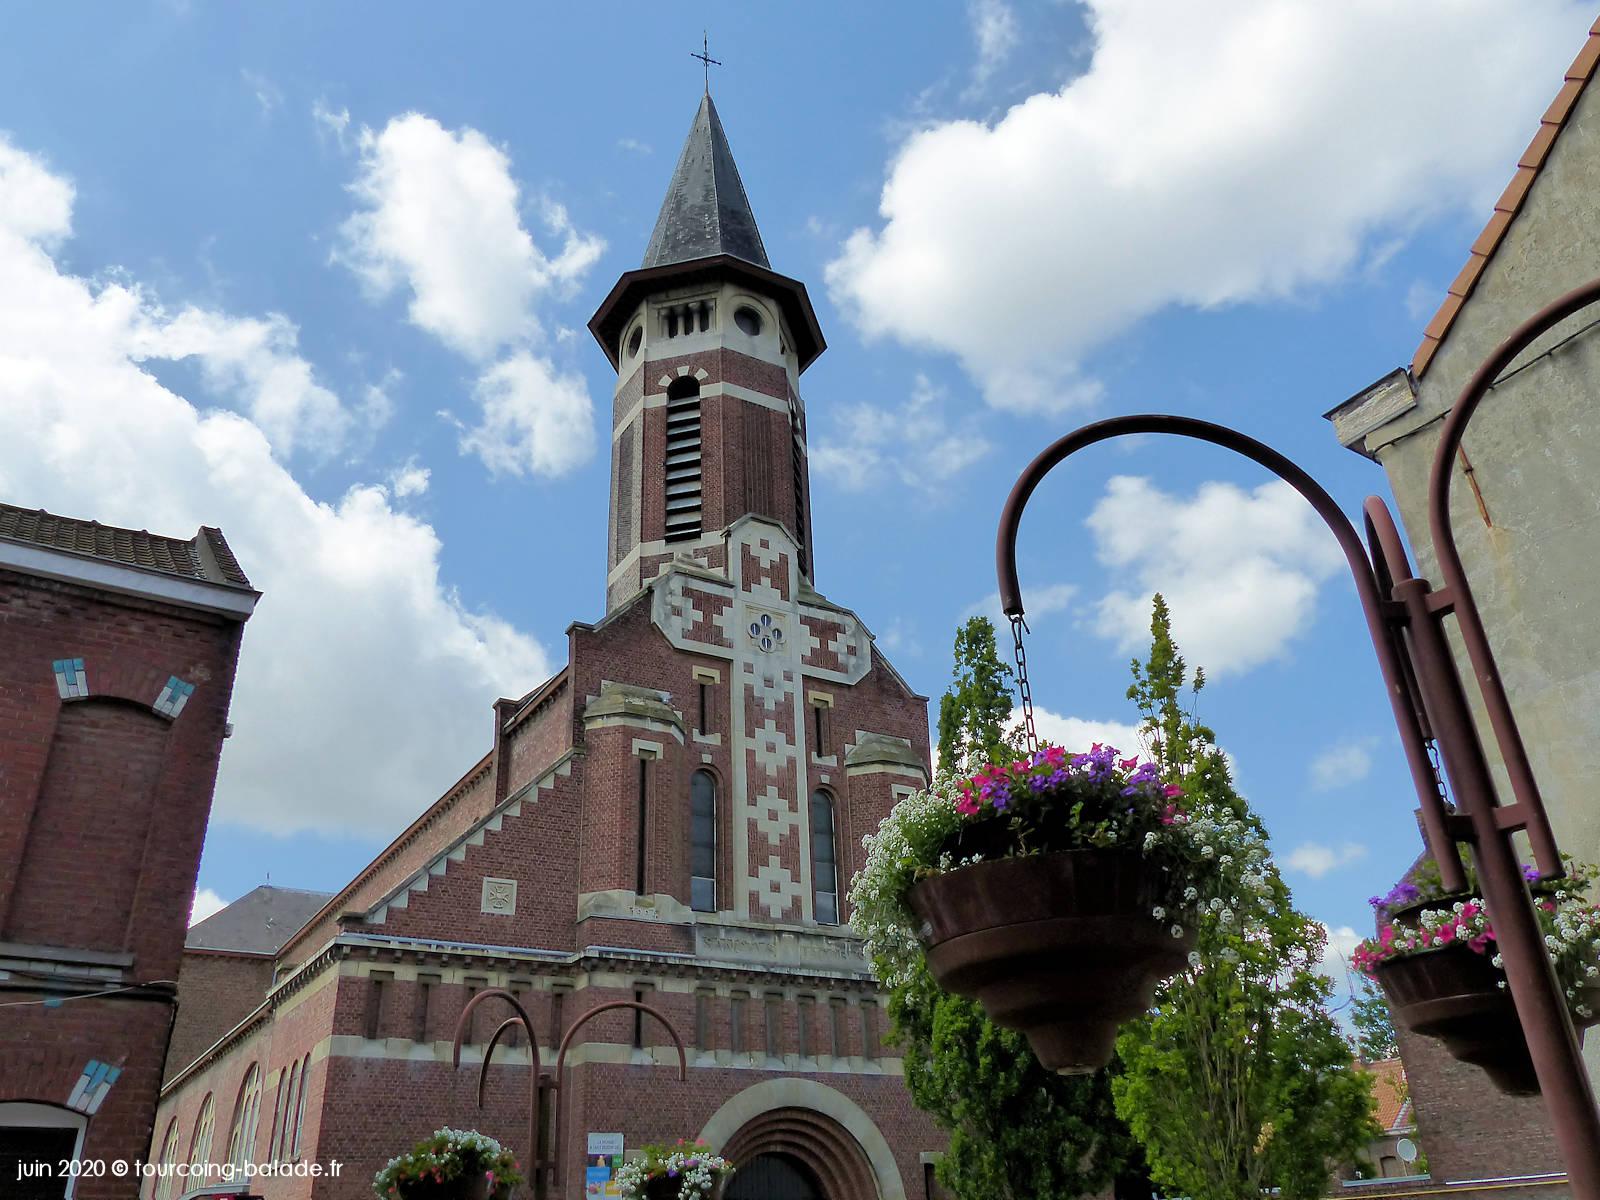 Église Saint-Jacques, Paroisse St Matthieu, Tourcoing